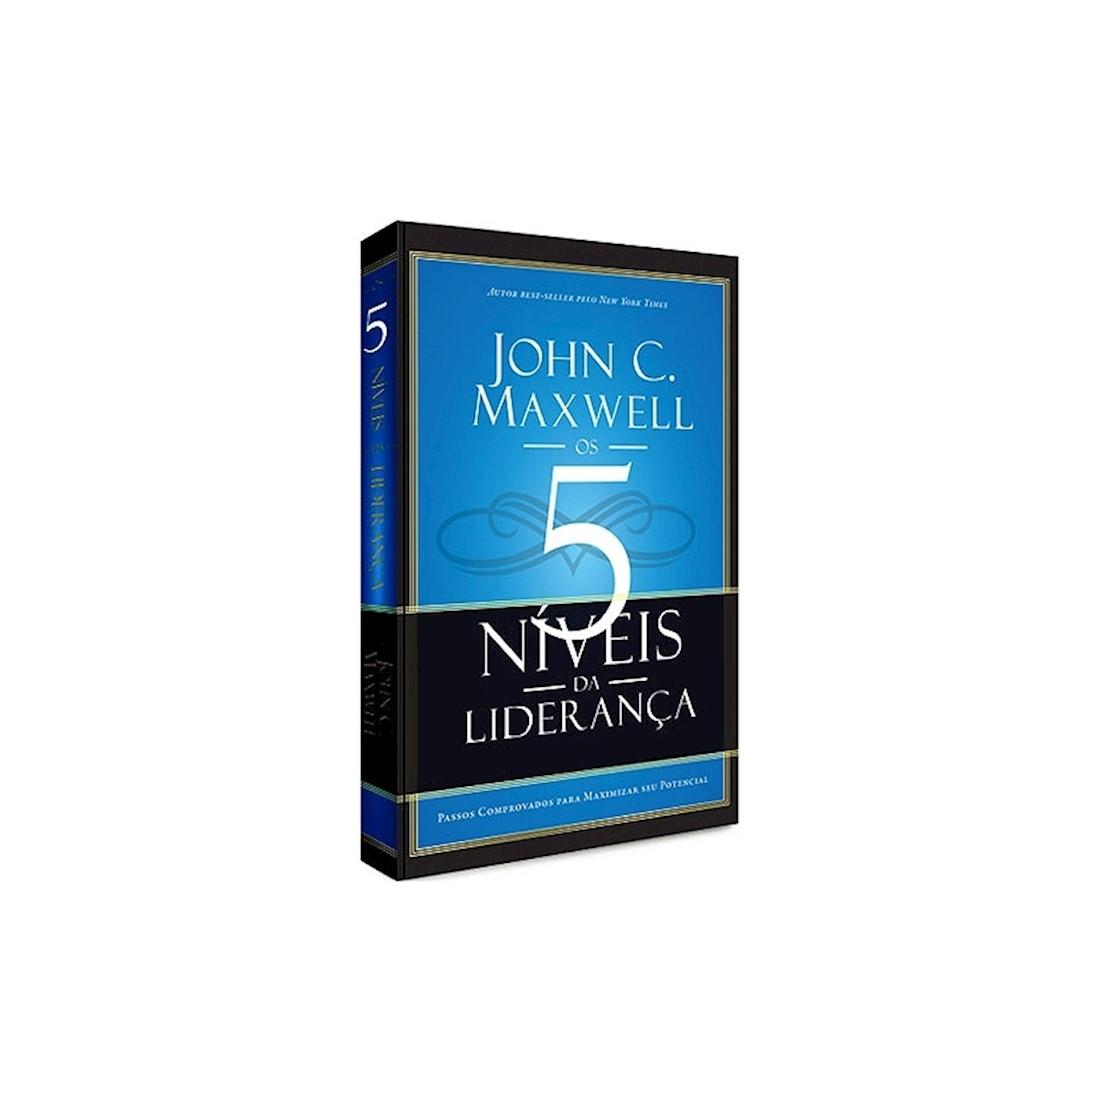 Livro Os Cinco Níveis da Liderança